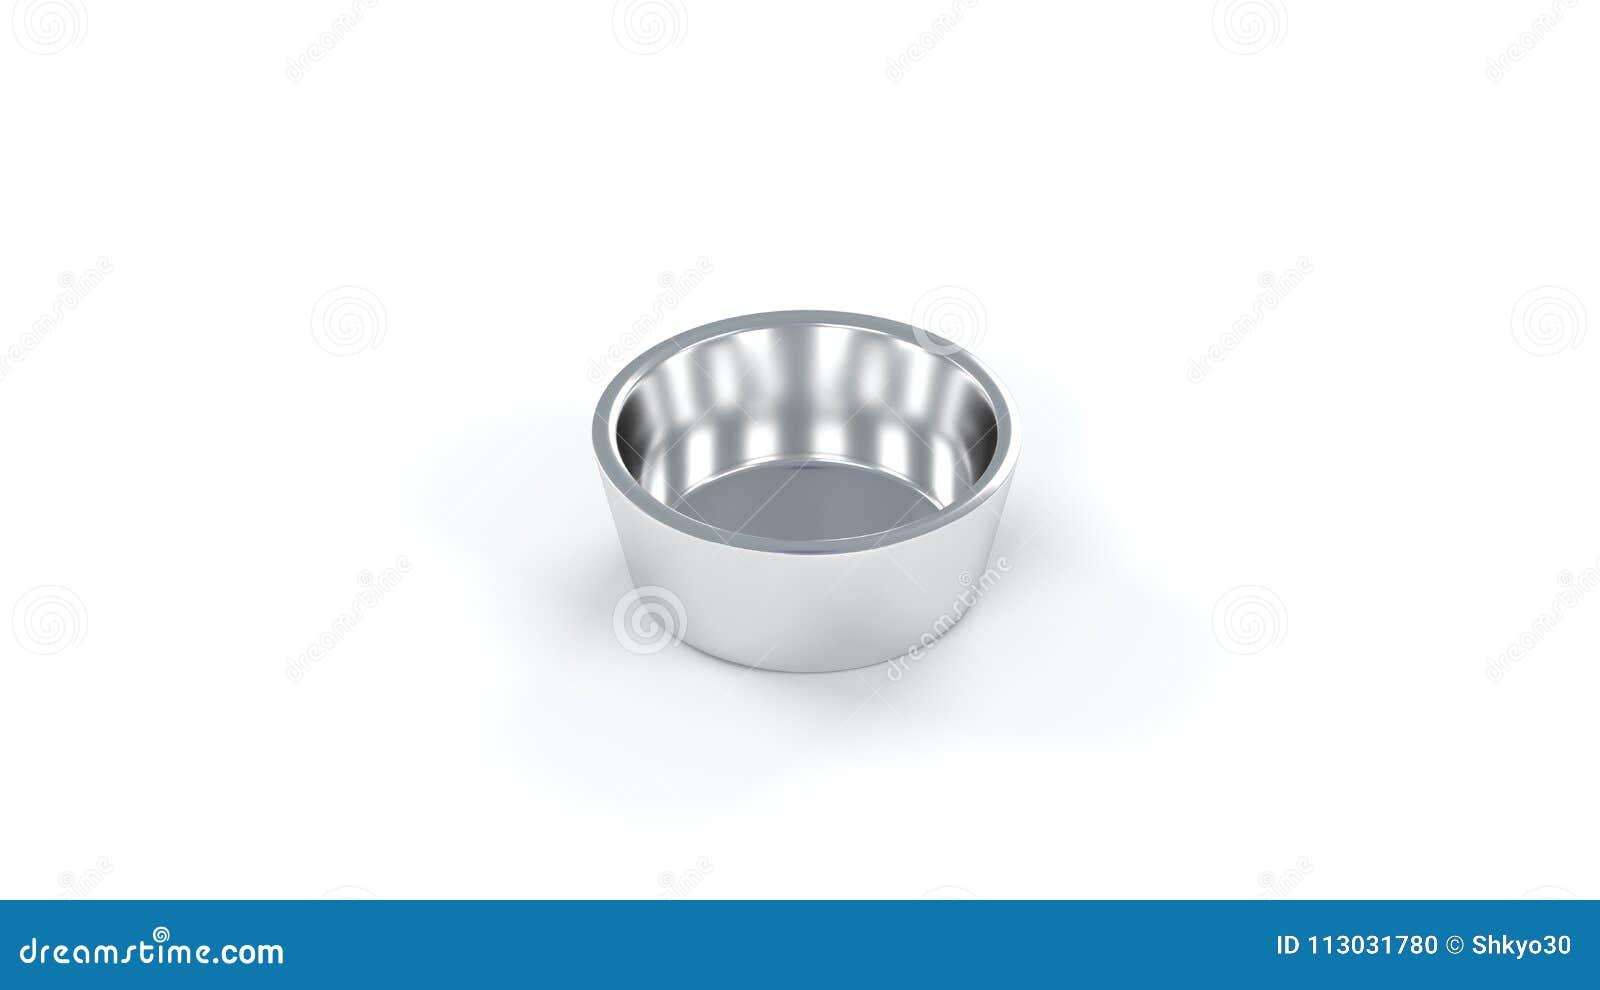 Solamente una taza brillante metálica básica